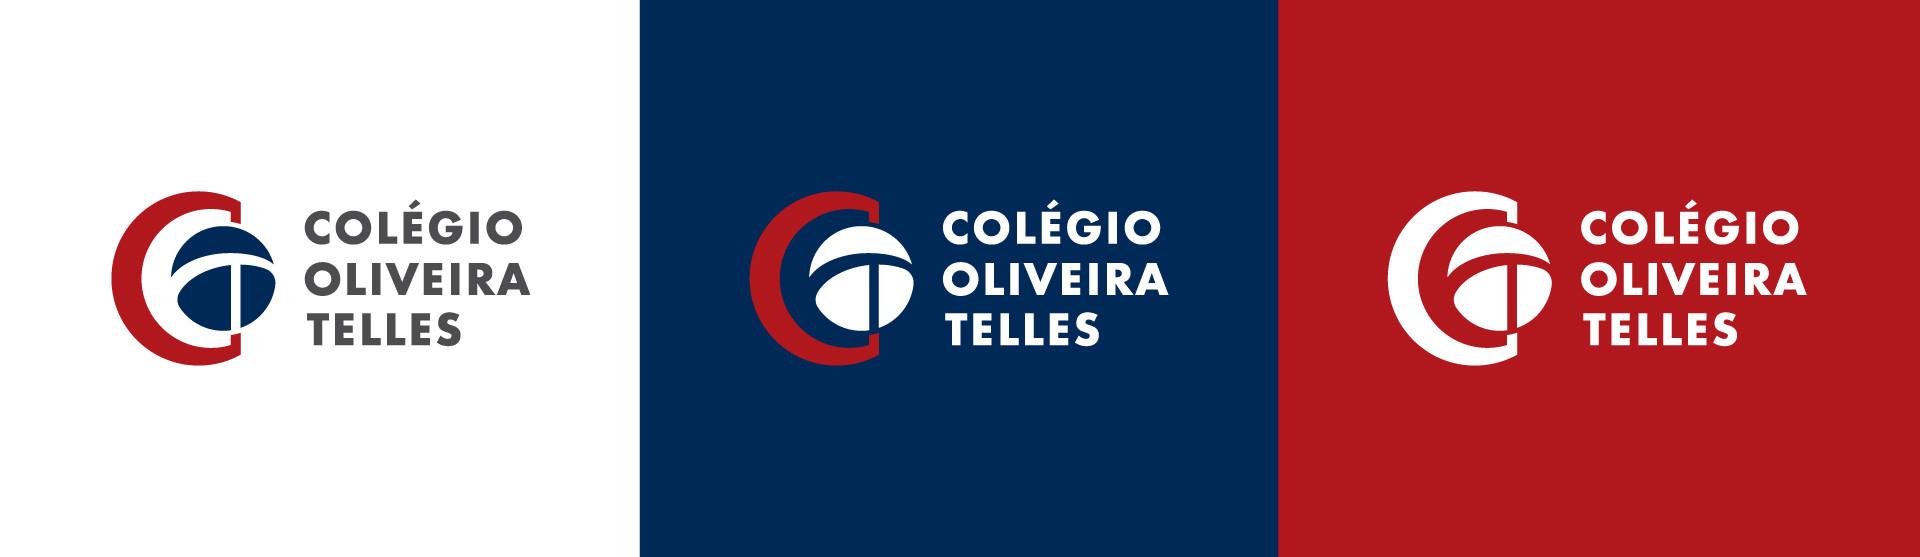 img-colegio-oliveira-telles-voadora (4).